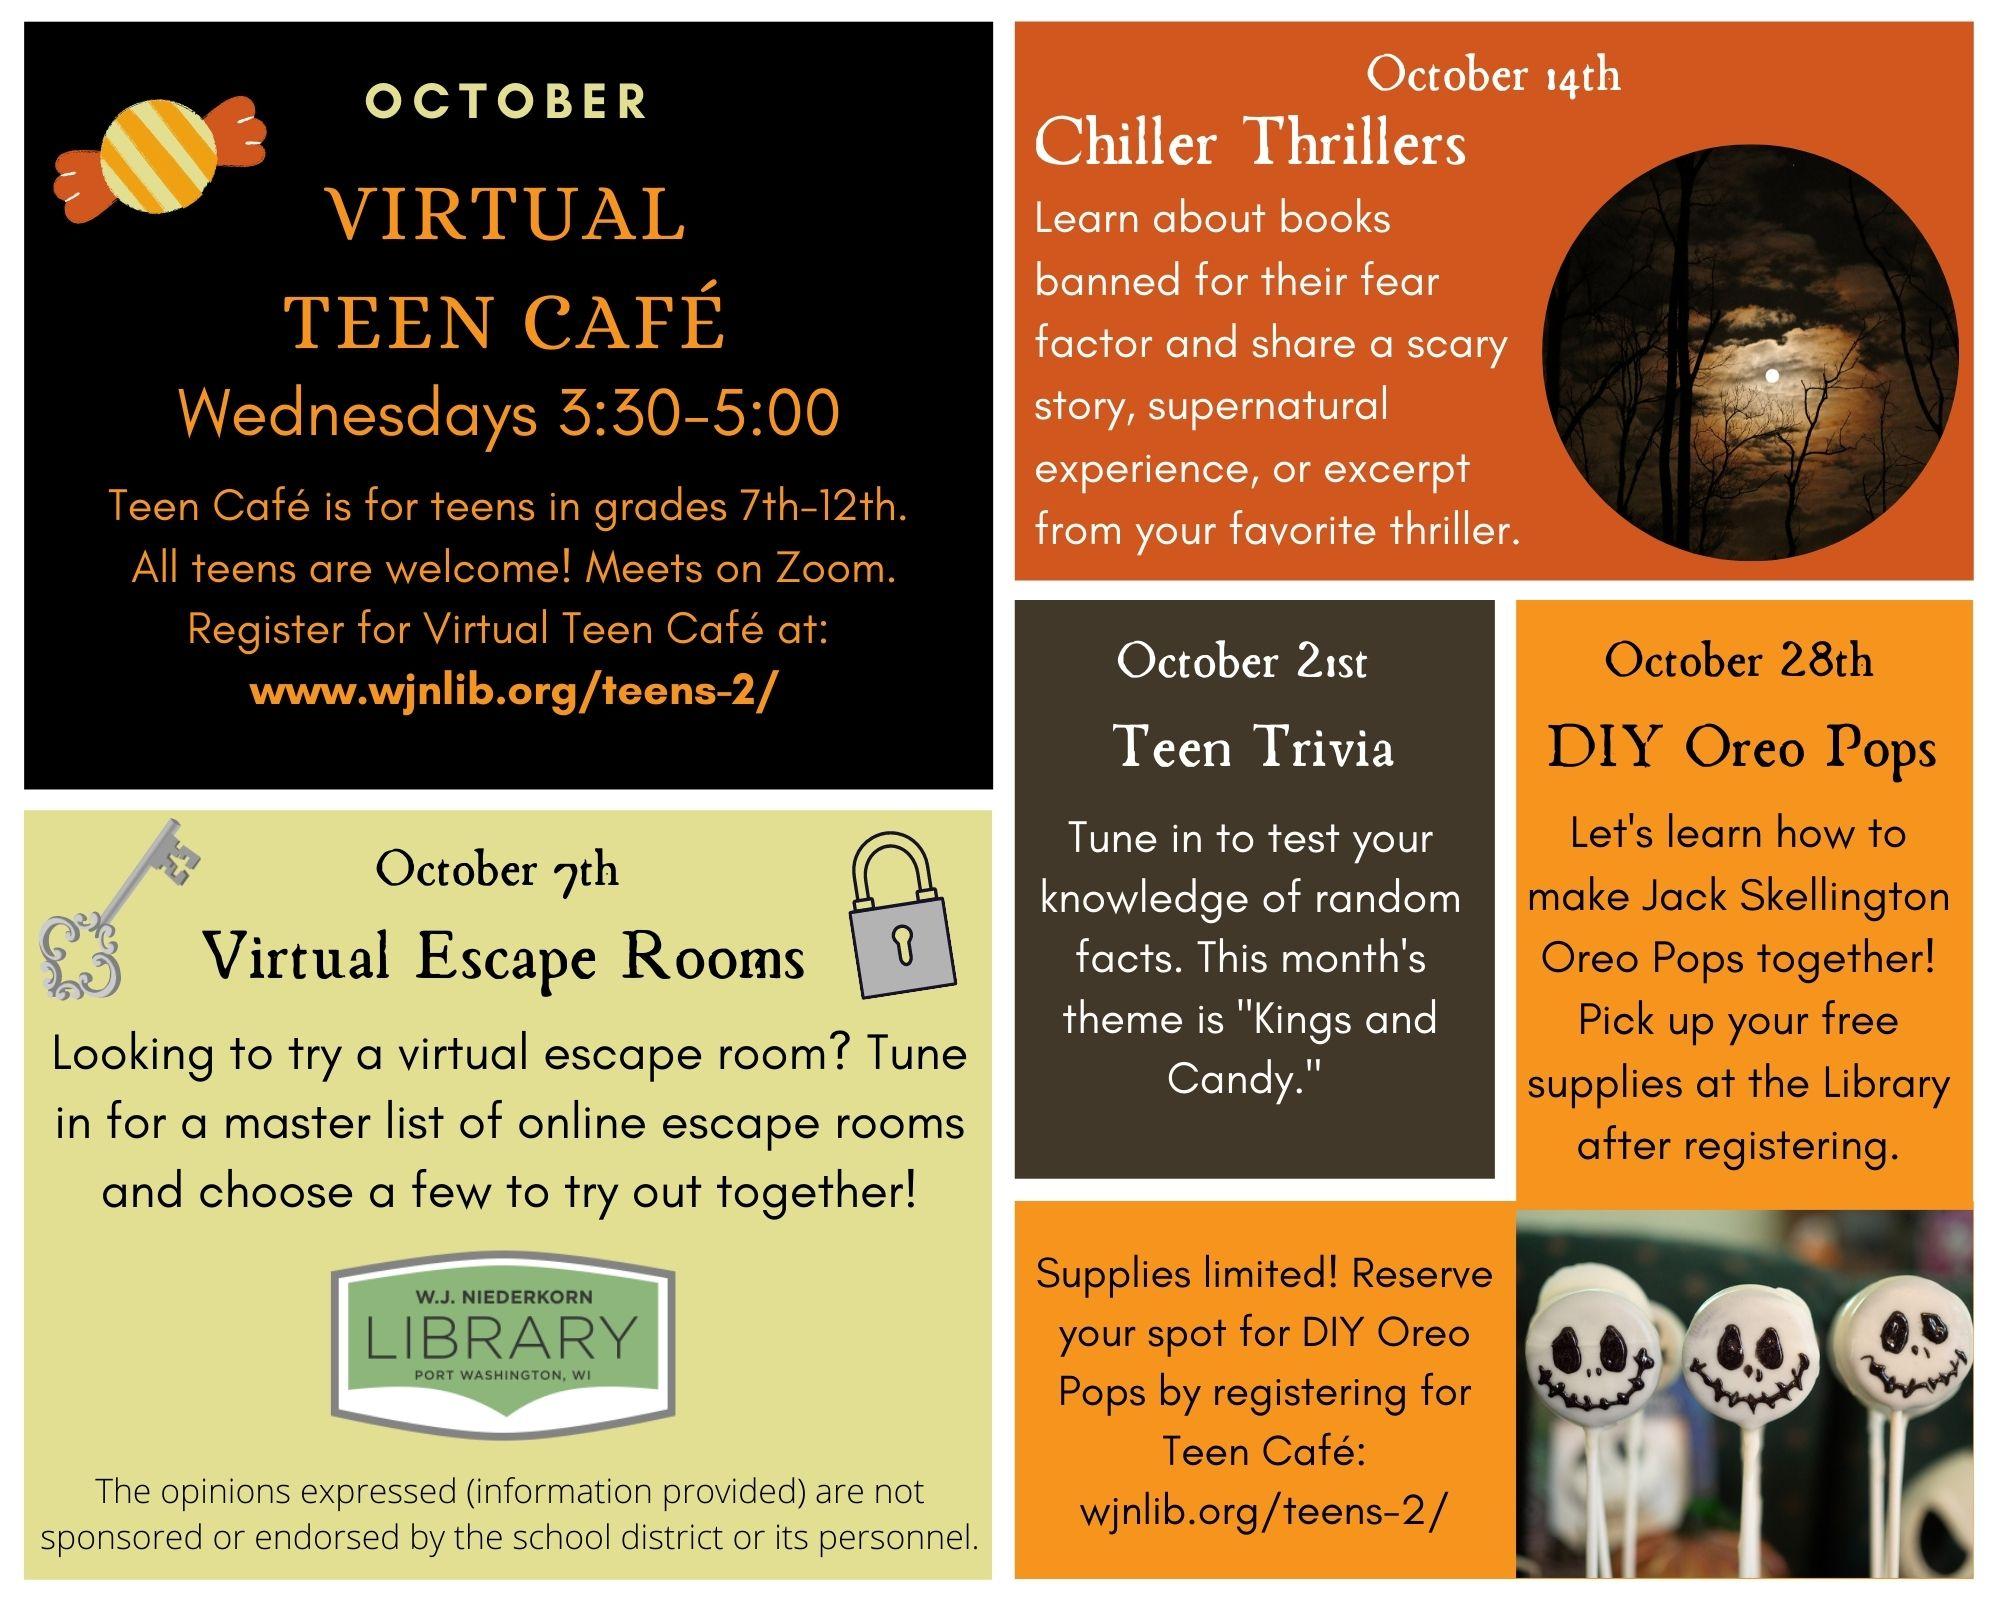 Virtual Teen Cafe October happenings